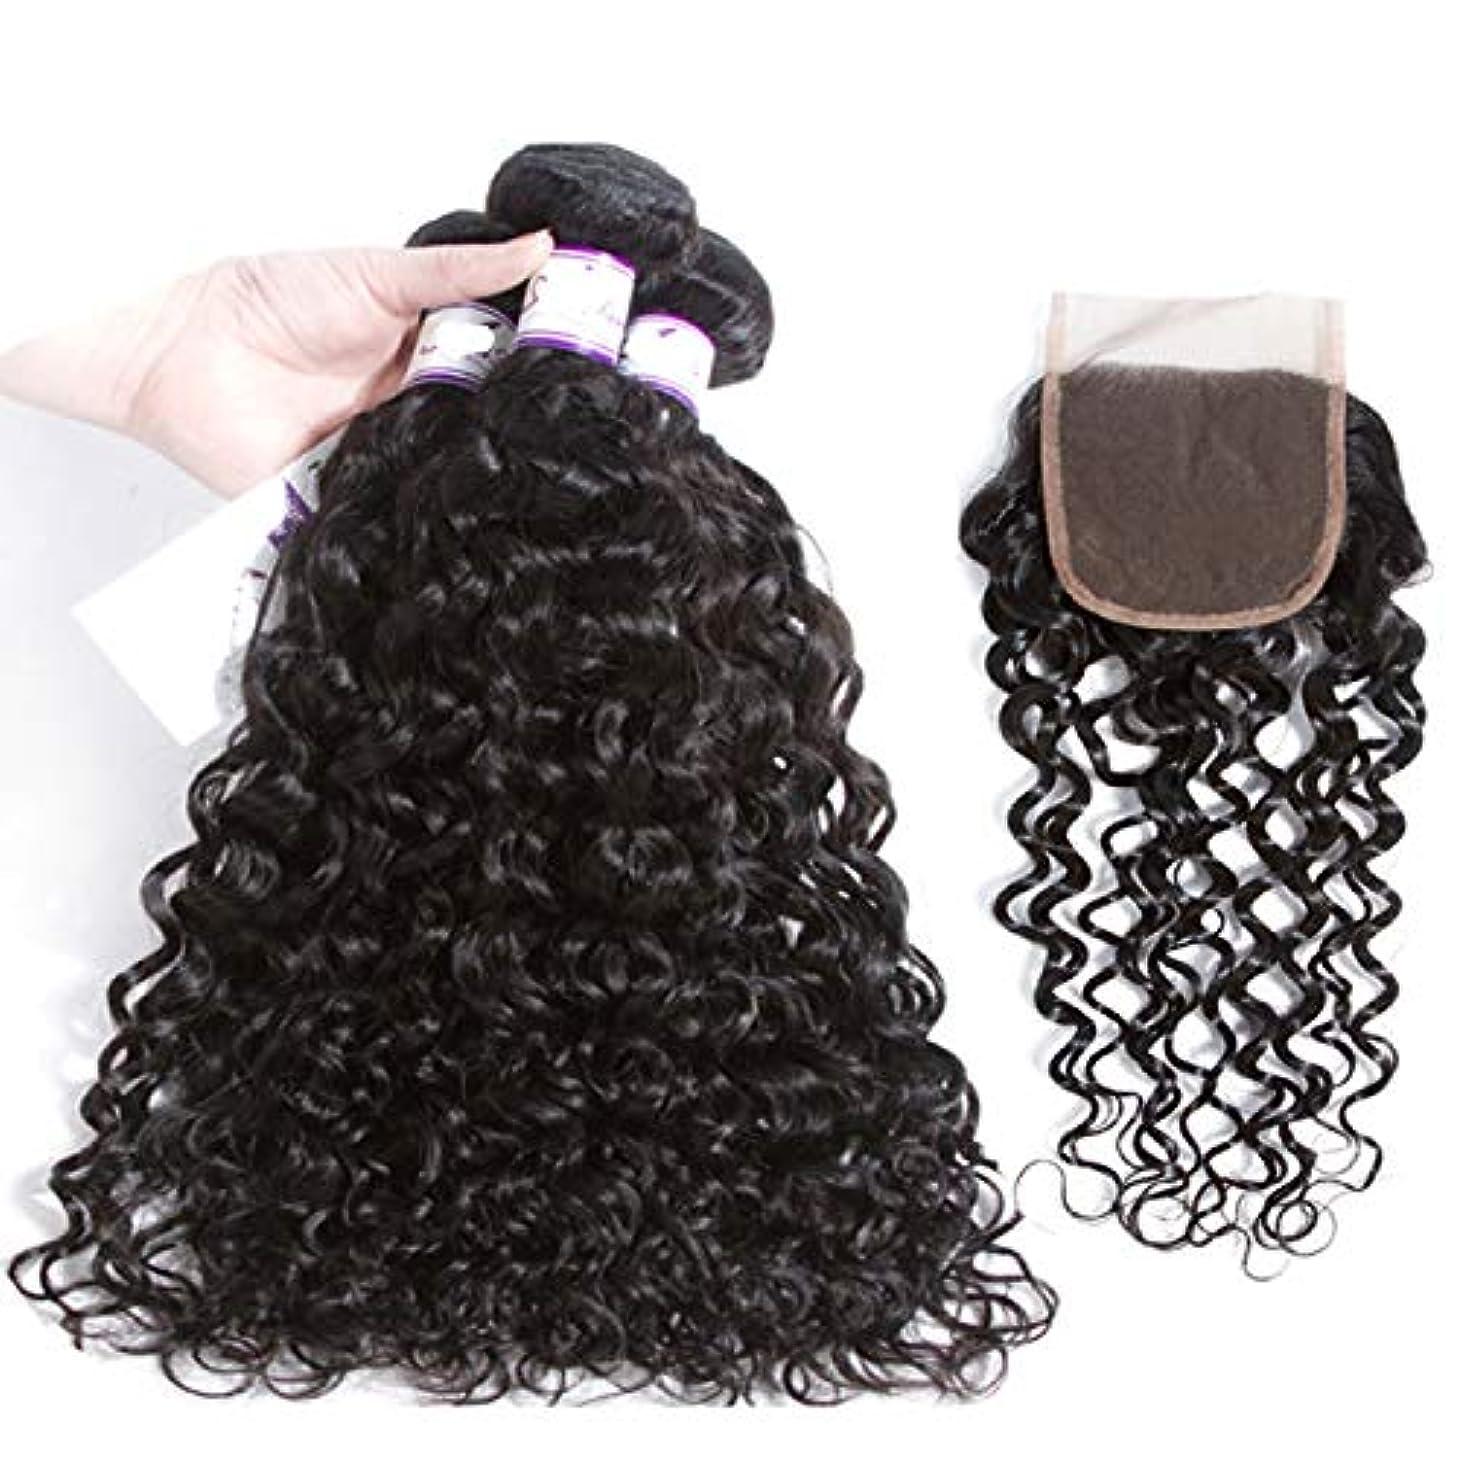 送信する噴出するメロドラマティック13 * 4閉鎖人間の髪の毛の波3バンドル人間の髪の毛の束 (Length : 18 18 18 Cl14, Part Design : FREE PART)